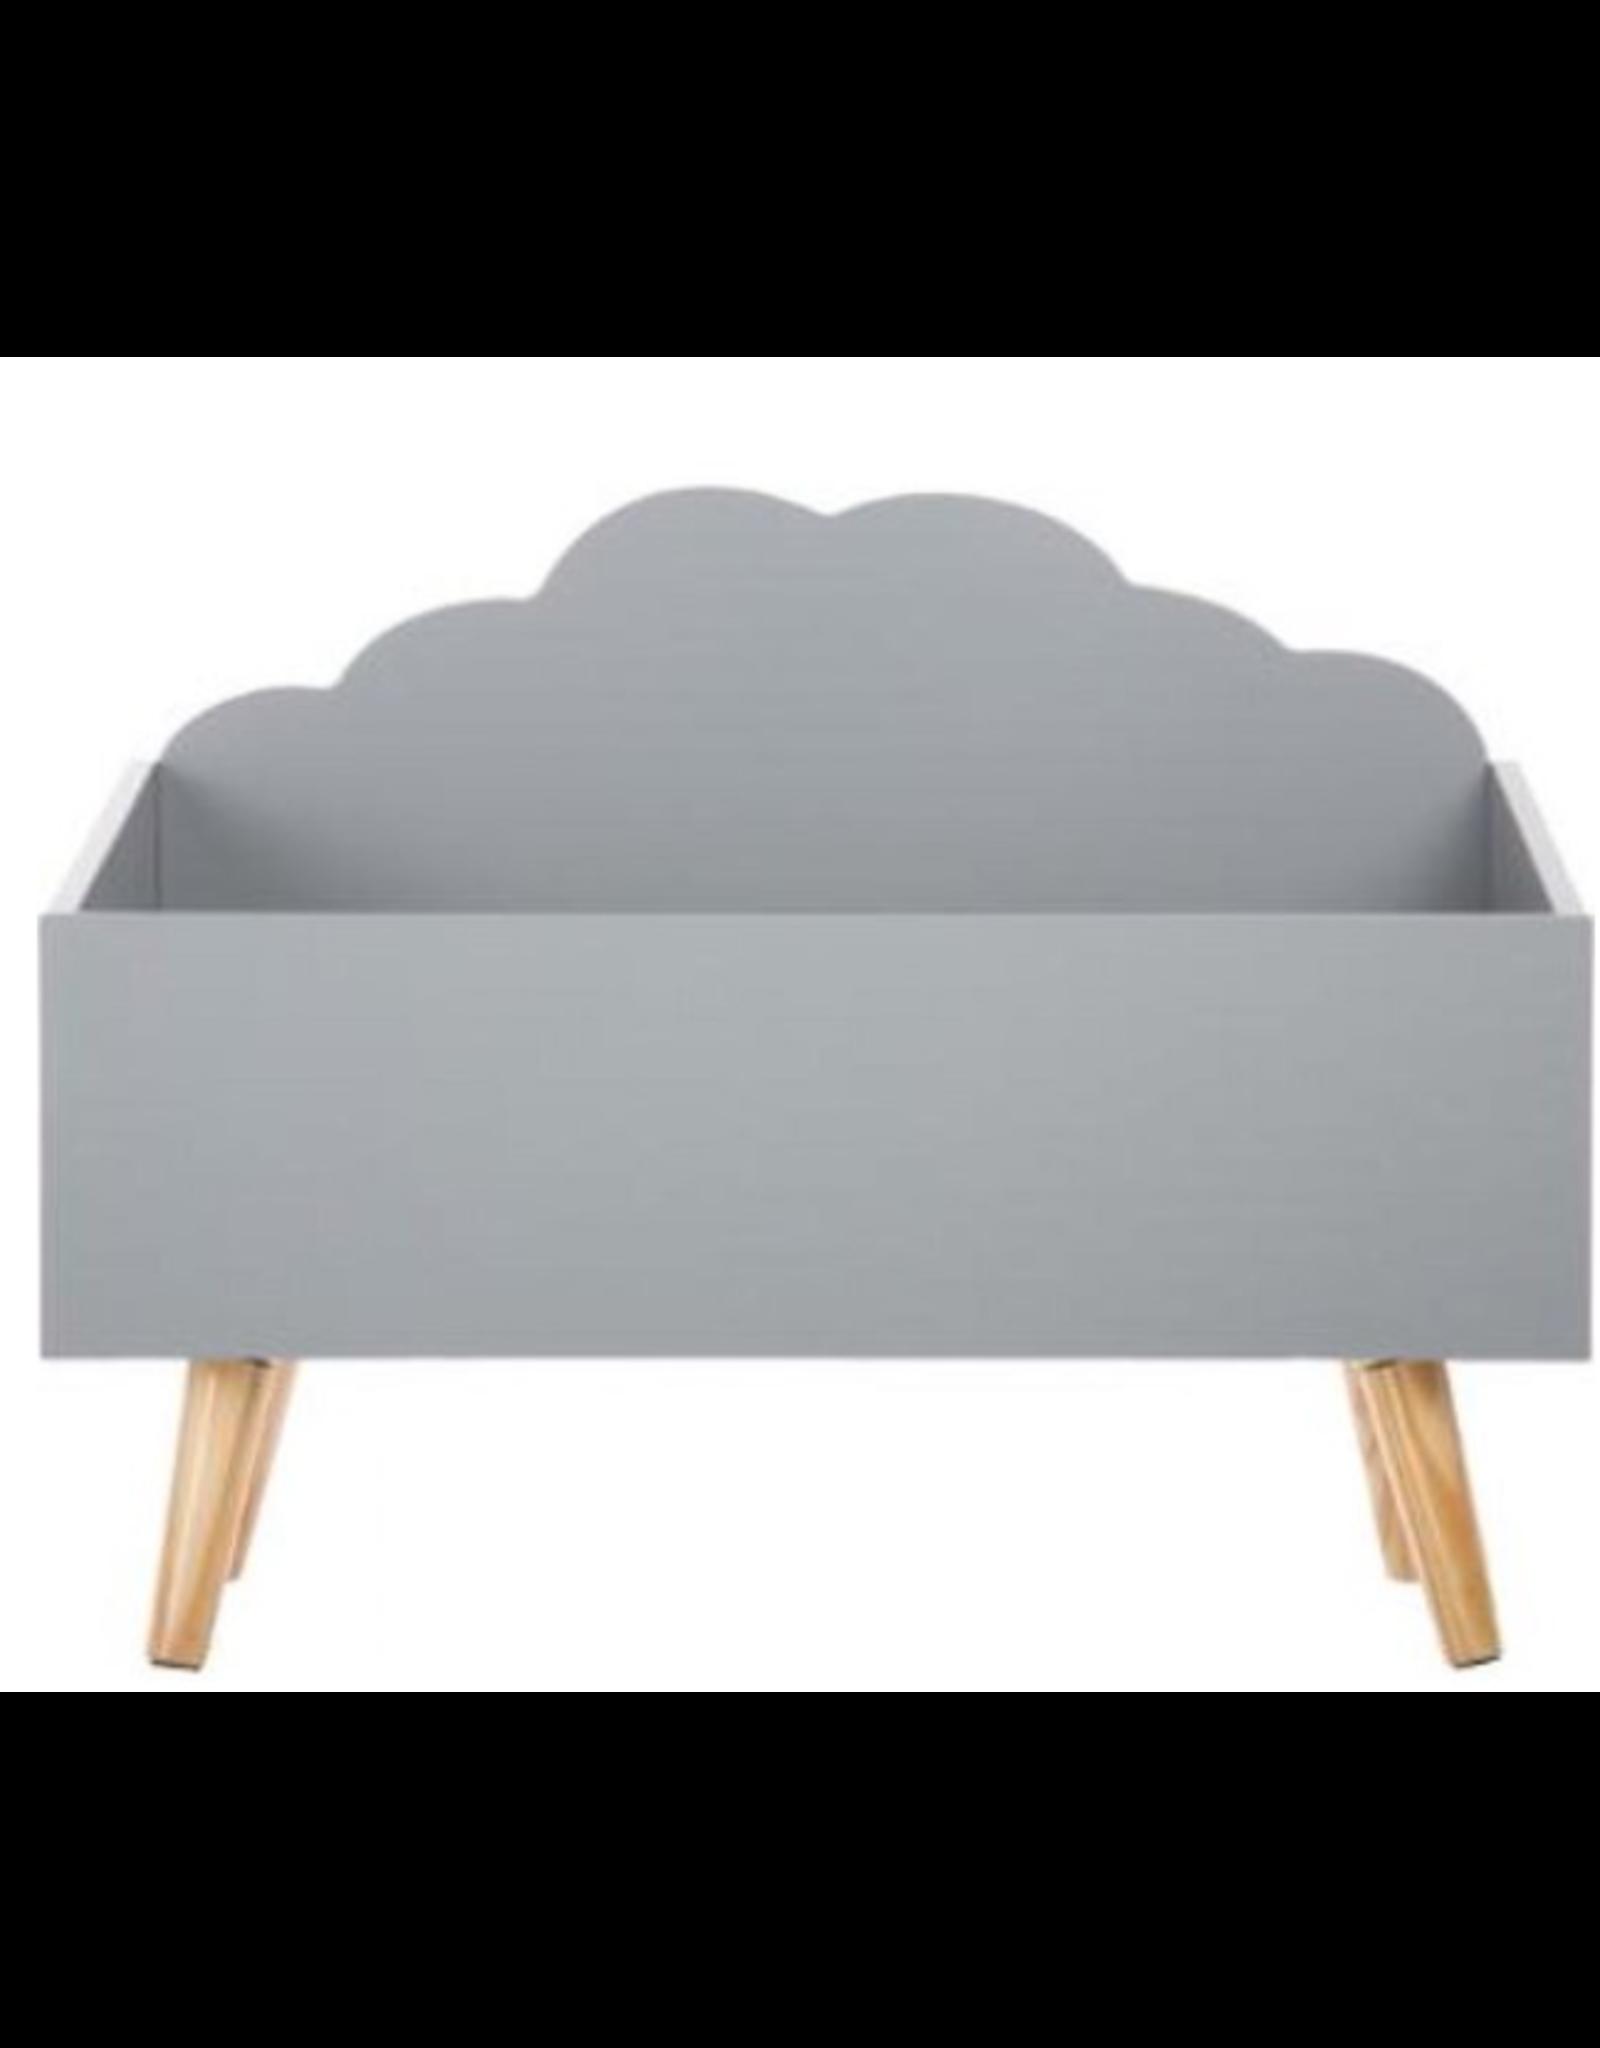 Atmosphera Speelgoedkist - wolkenvorm - kleur grijs- ACTIVE ANTS